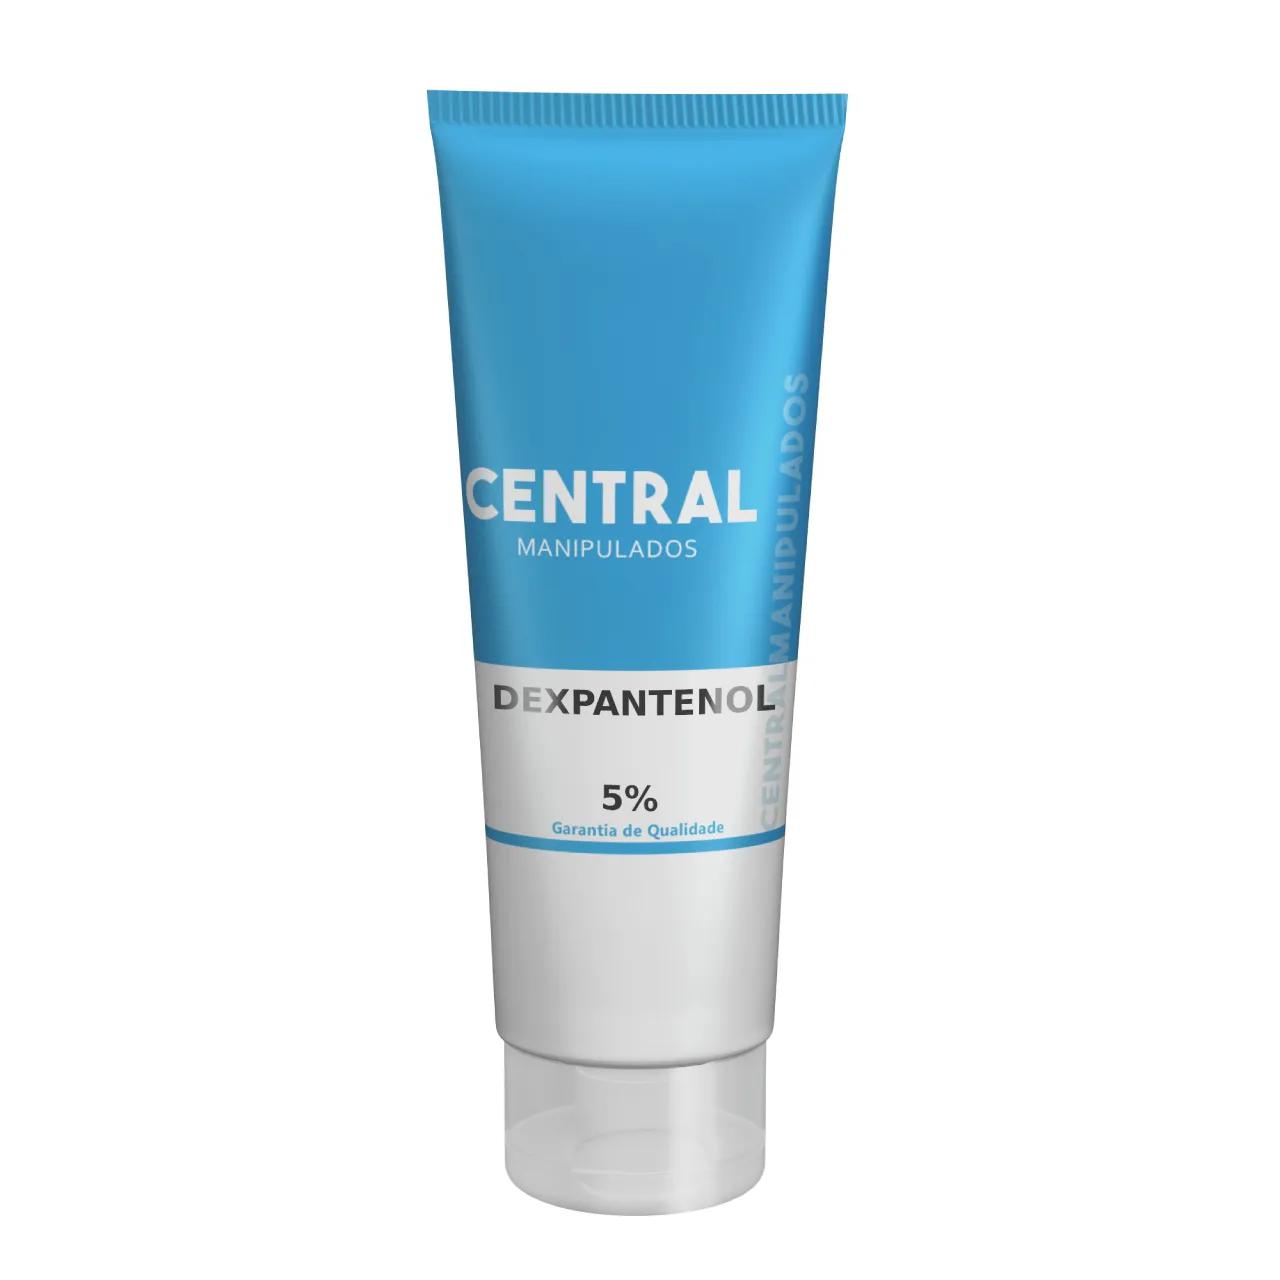 Dexpantenol 5% Creme 30g - Hidratante e Antioxidante, Espessura dos fios e Reduz a Porosidade, Sela as cutículas